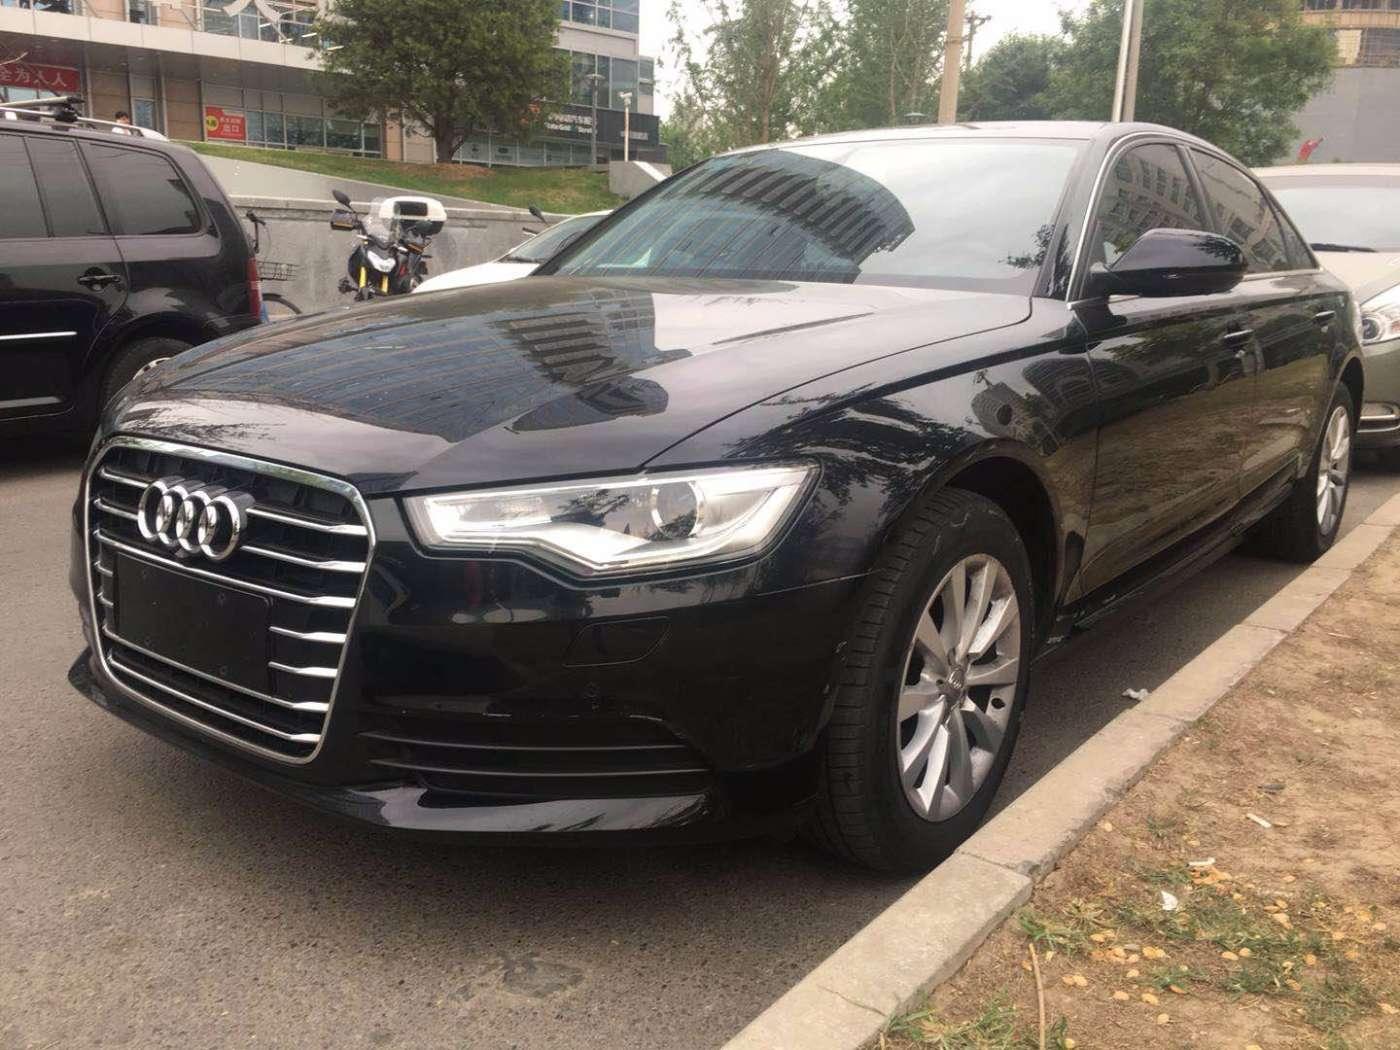 2014年09月 奥迪A6L 2014款 TFSI 舒适型|甄选奥迪-北京卡斯基汽车服务有限公司